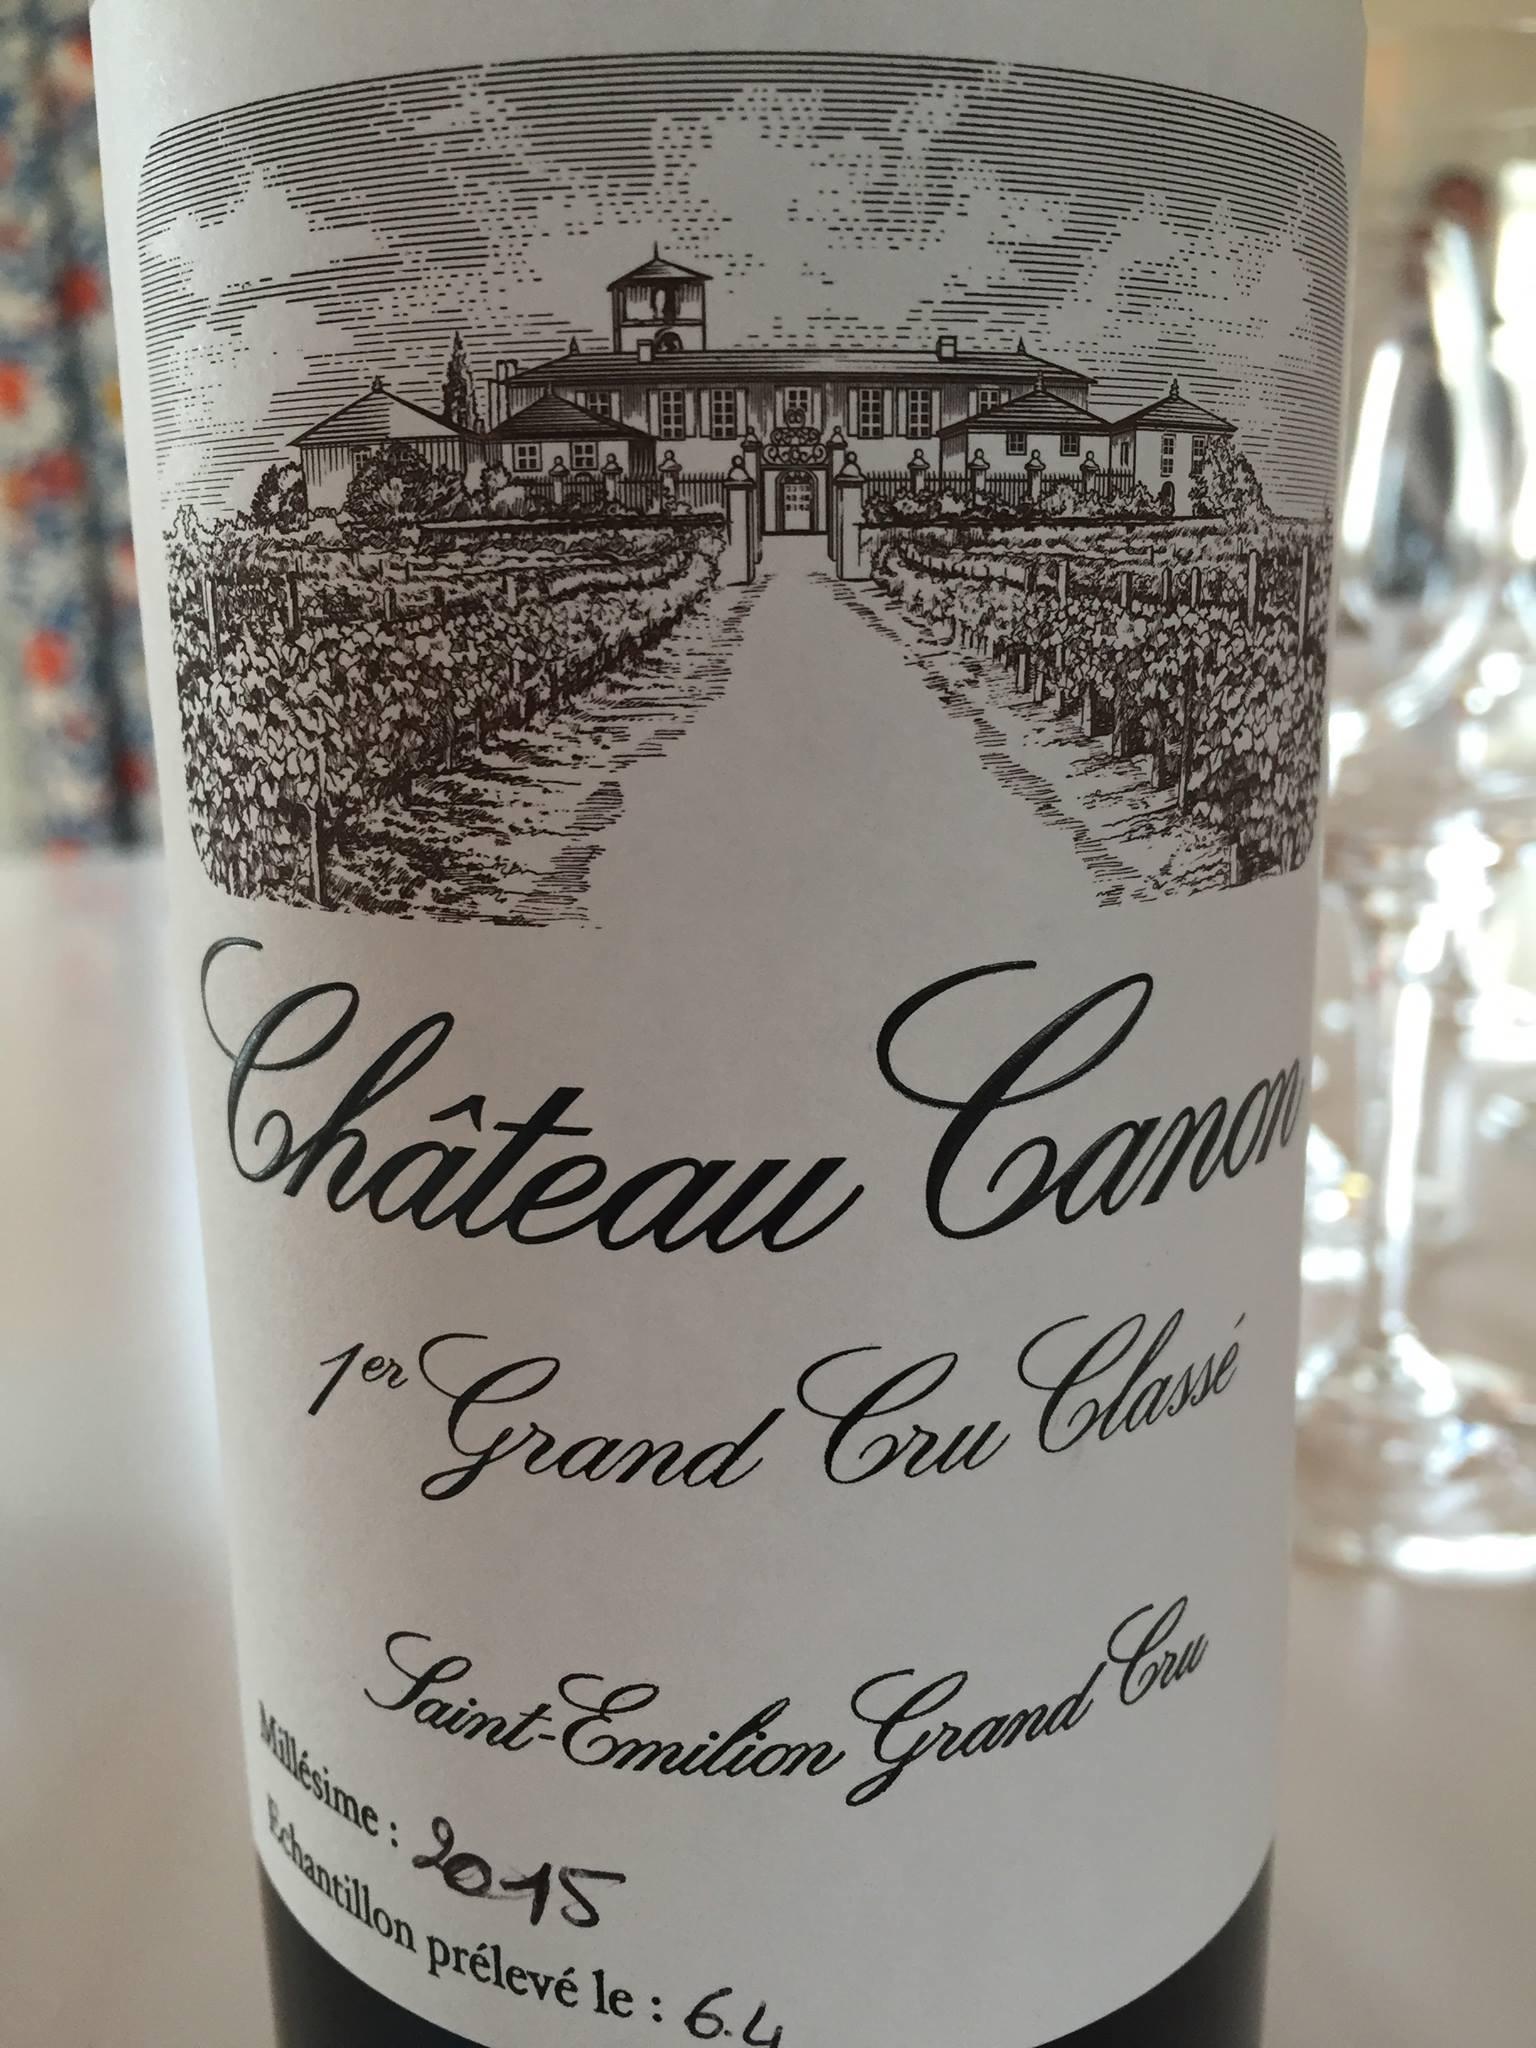 Château Canon 2015 – Saint-Emilion Grand Cru, 1er Grand Cru Classé B de Saint-Emilion